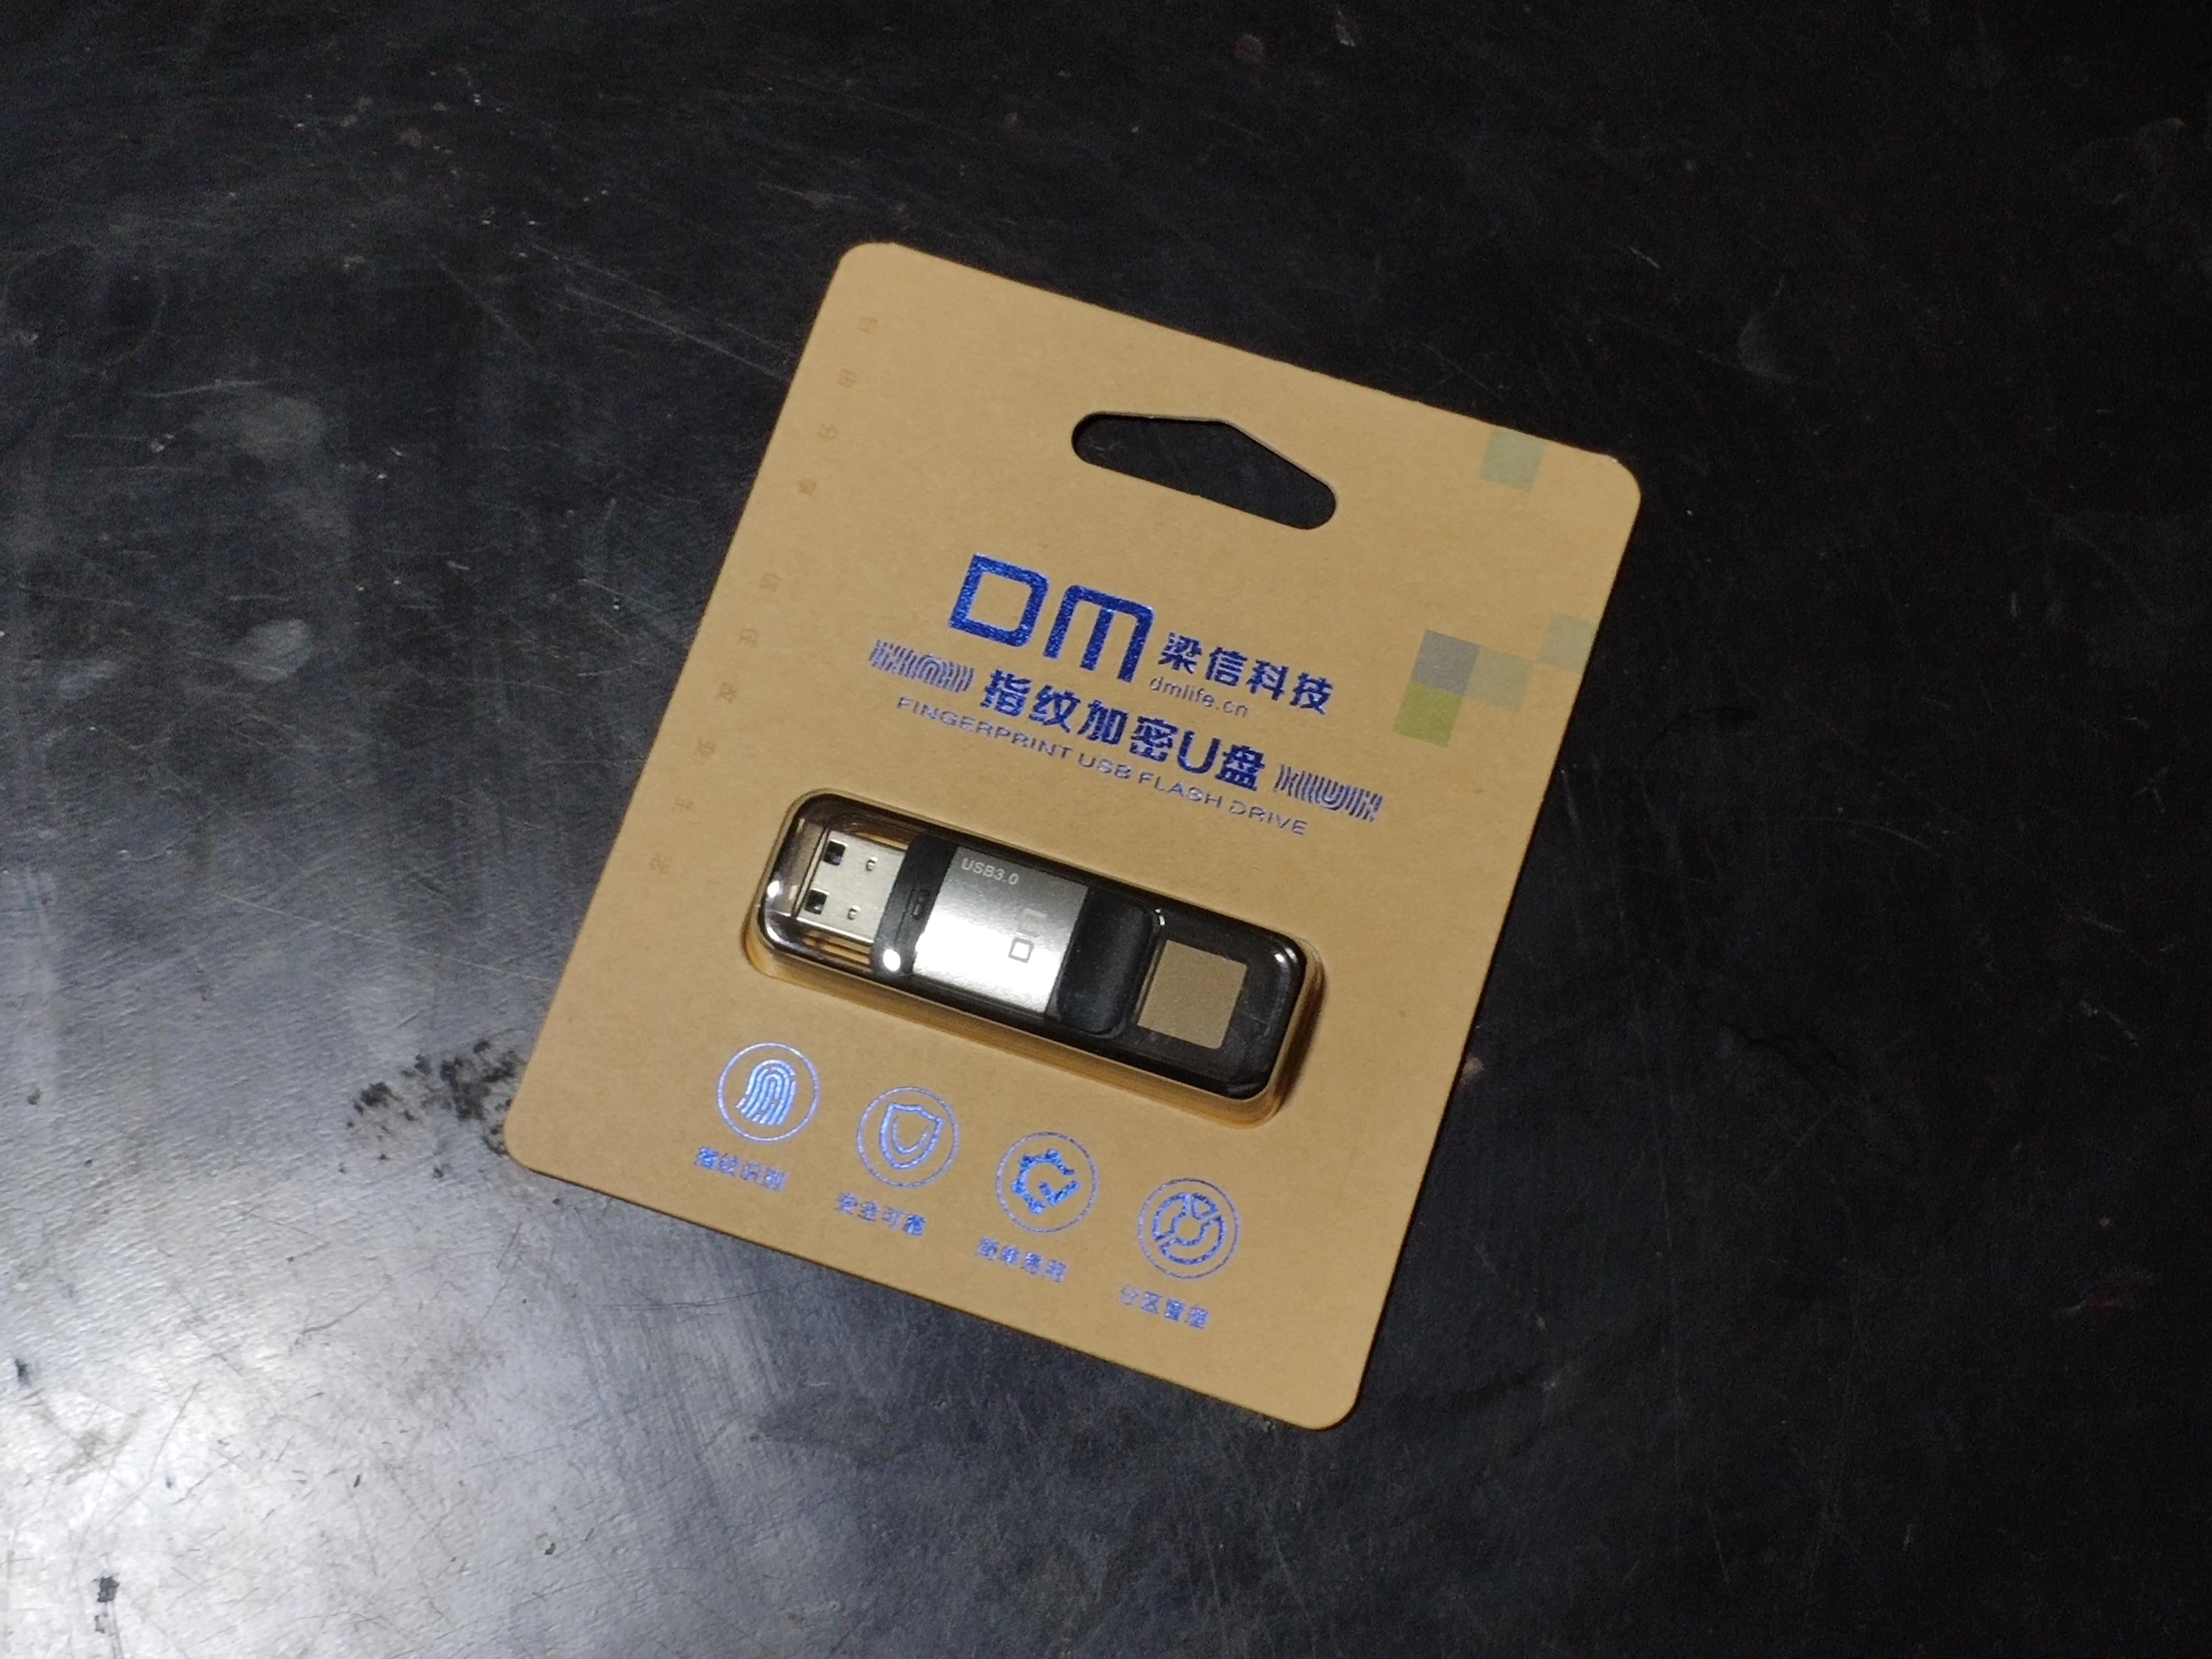 รีวิว DM Fingerprint Encrypted USB 3.0 (PD061) แฟลชไดร์ฟพร้อมตัวสแกนลายนิ้วมือ 1